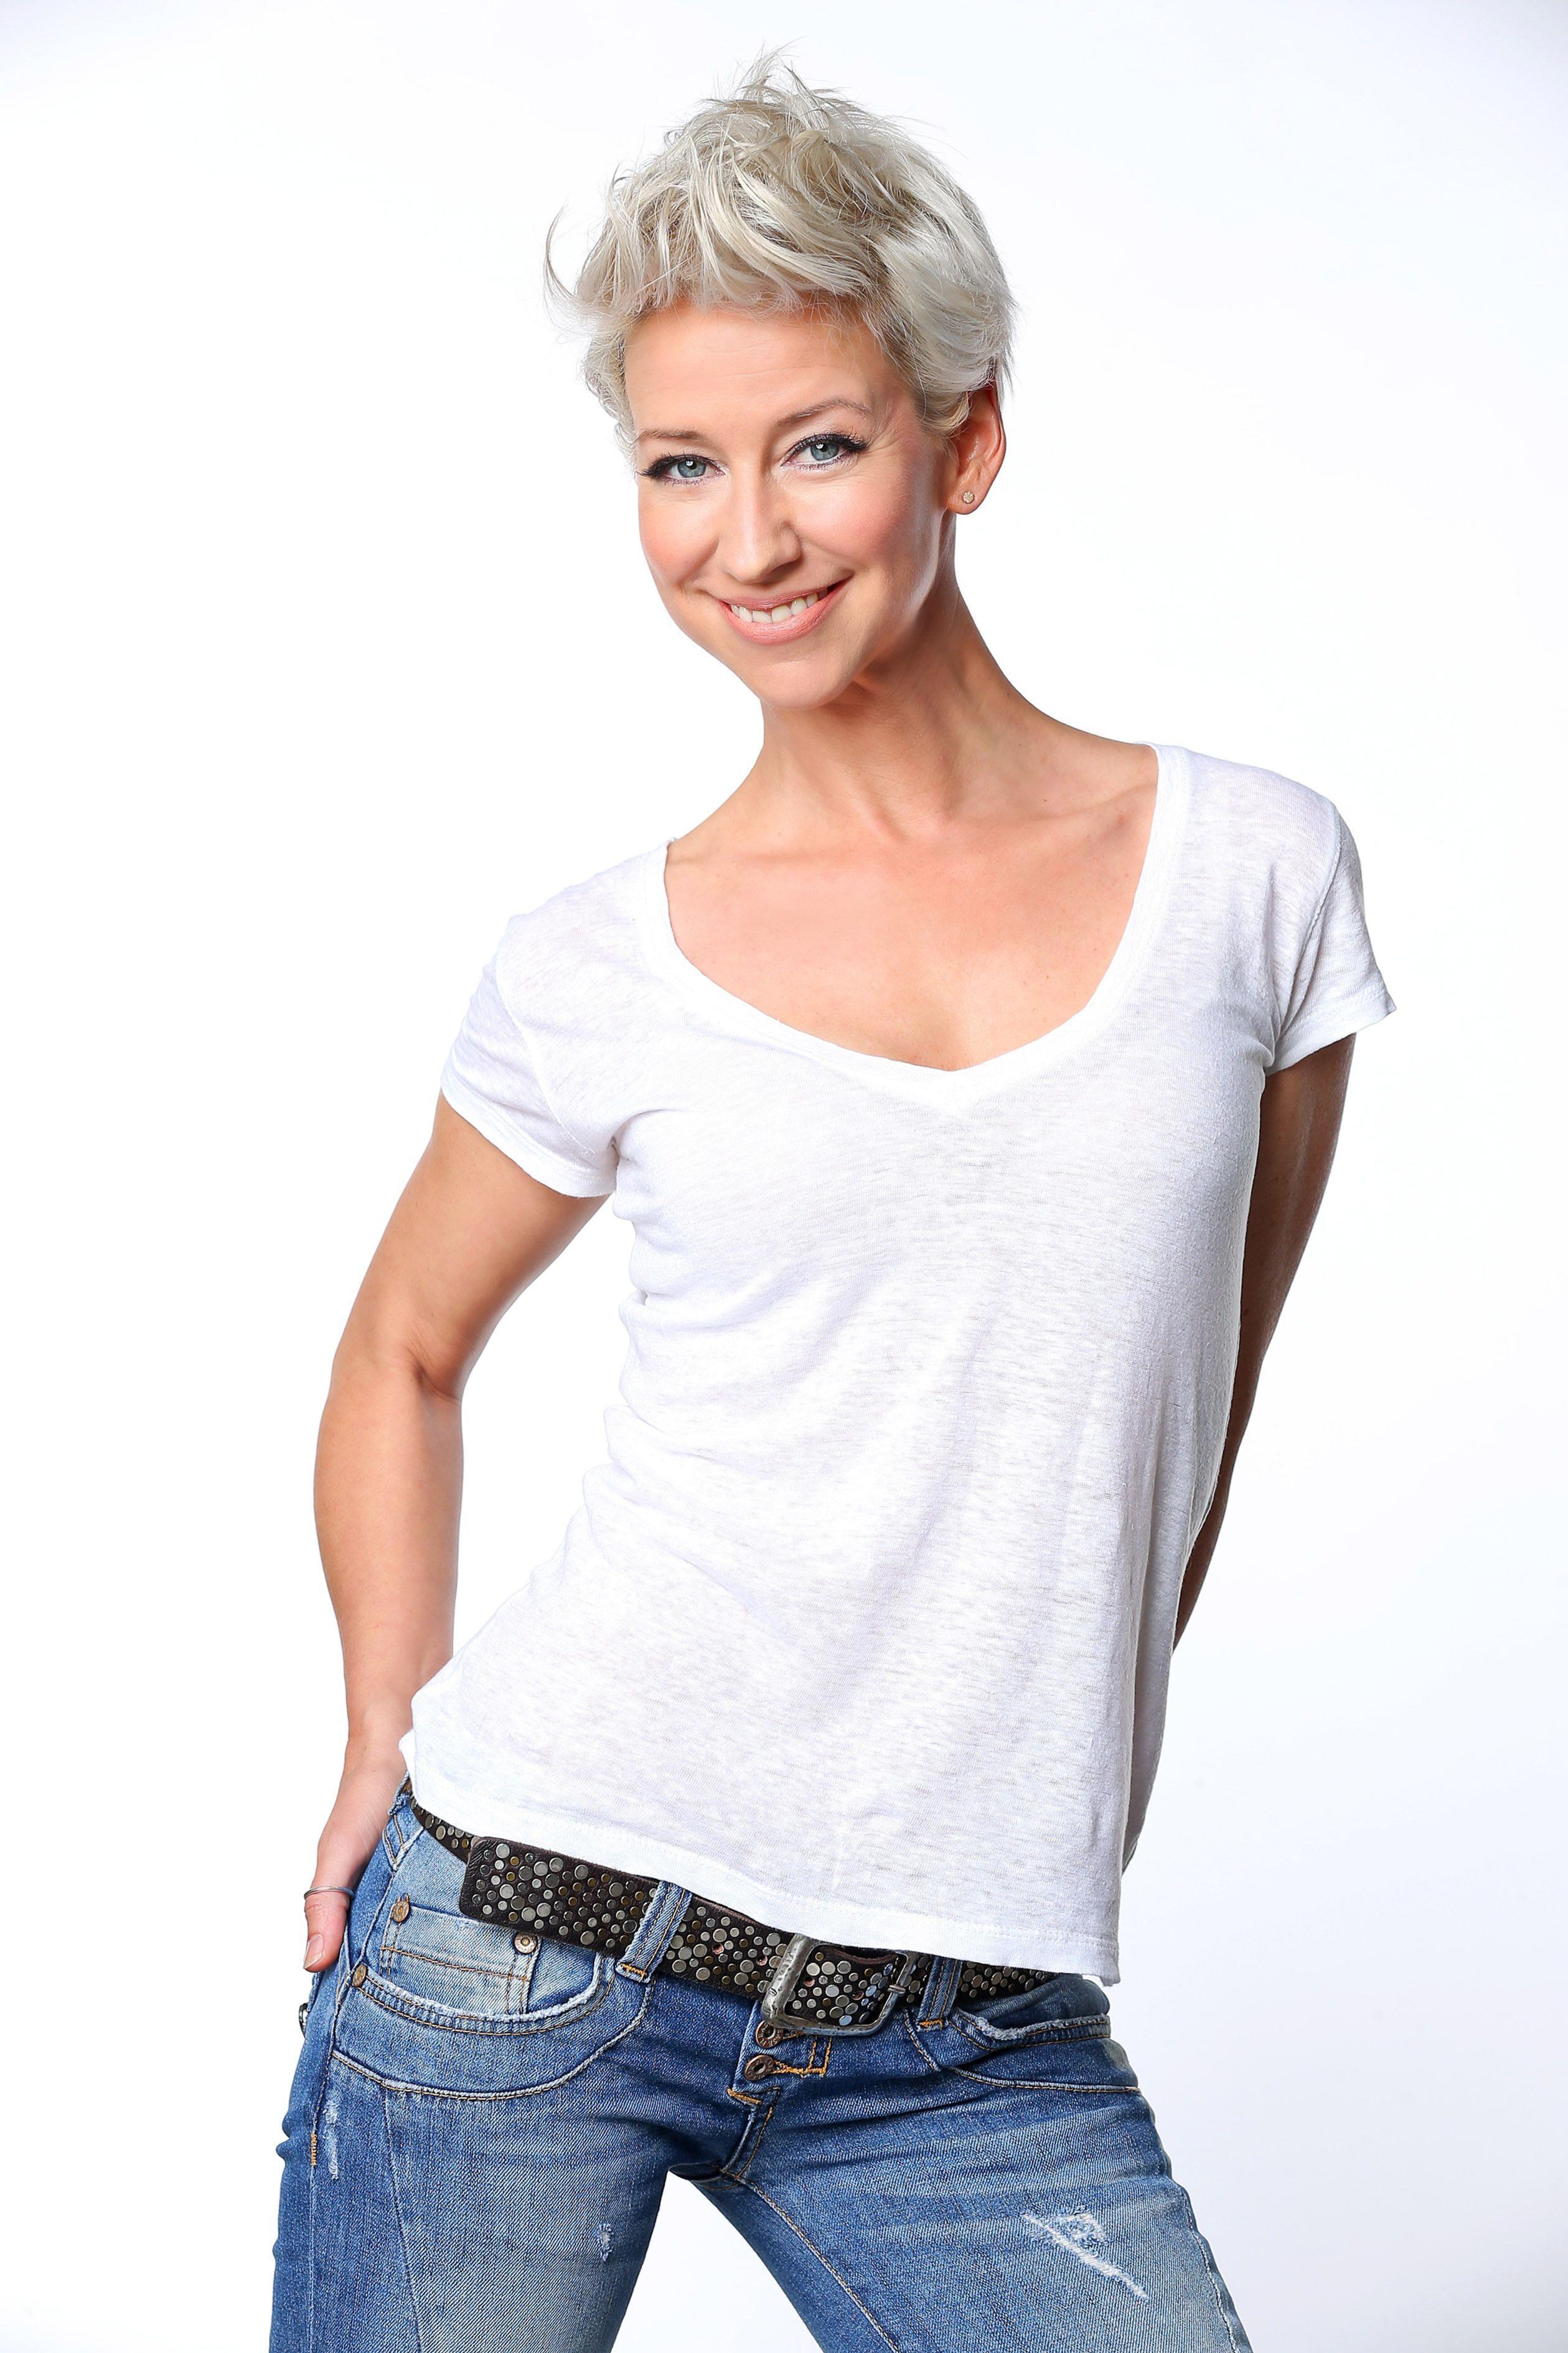 Isabell Hertel spielt Ute Fink